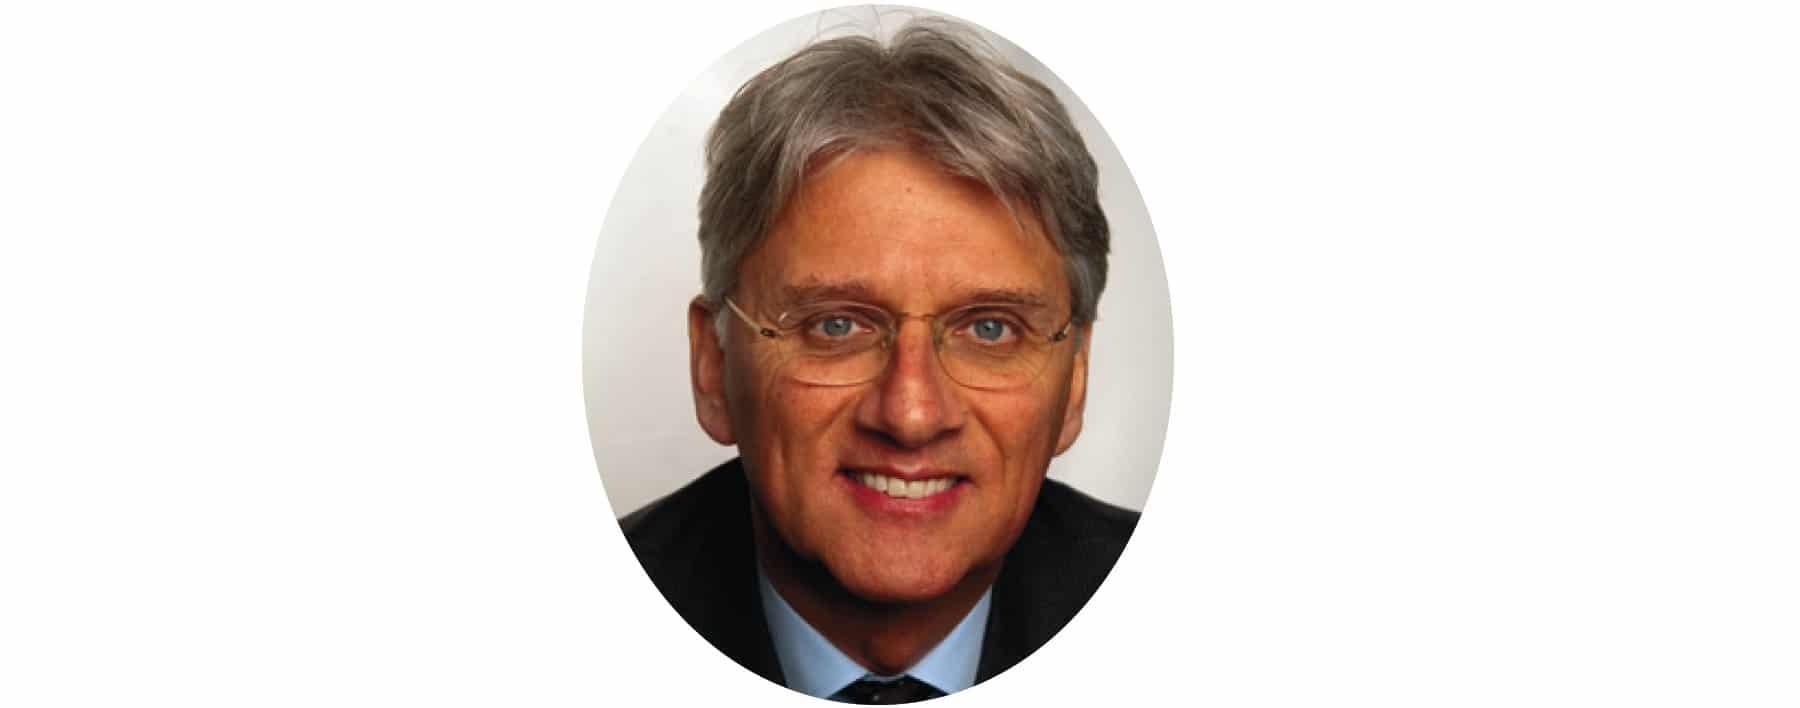 congres interactie Hans de Werd